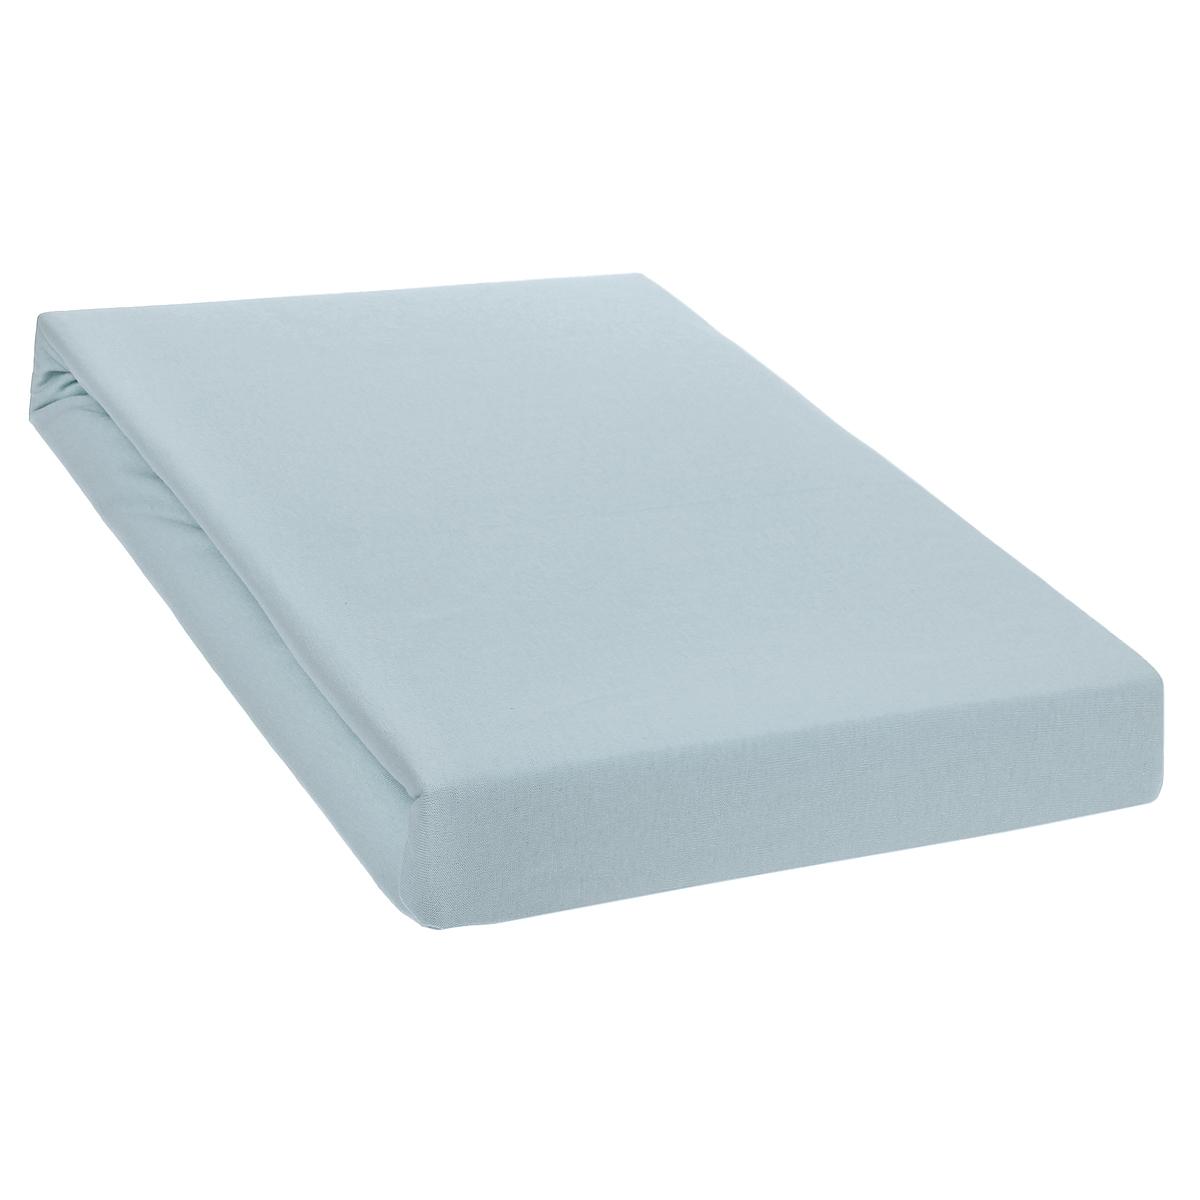 Простыня на резинке Tete-a-Tete, цвет: жемчуг, 160 см х 200 смТ-ПР-3041Однотонная трикотажная простыня на резинке Tete-a-Tete выполнена из натурального хлопка. Высочайшее качество материала гарантирует безопасность не только взрослых, но и самых маленьких членов семьи. Простыня гармонично впишется в интерьер вашего дома и создаст атмосферу уюта и комфорта. Особенности коллекции Tete-a-Tete: - выдерживает более 100 стирок практически без изменения внешнего вида, - модные цвета и стойкие оттенки, - минимальная усадка, - надежные резинки и износостойкая ткань, - безупречное качество, - гиппоаллергенно. Коллекция Tete-a-Tete специально создана для практичных людей, которые ценят качество и долговечность вещей, окружают своих близких теплотой и заботой.